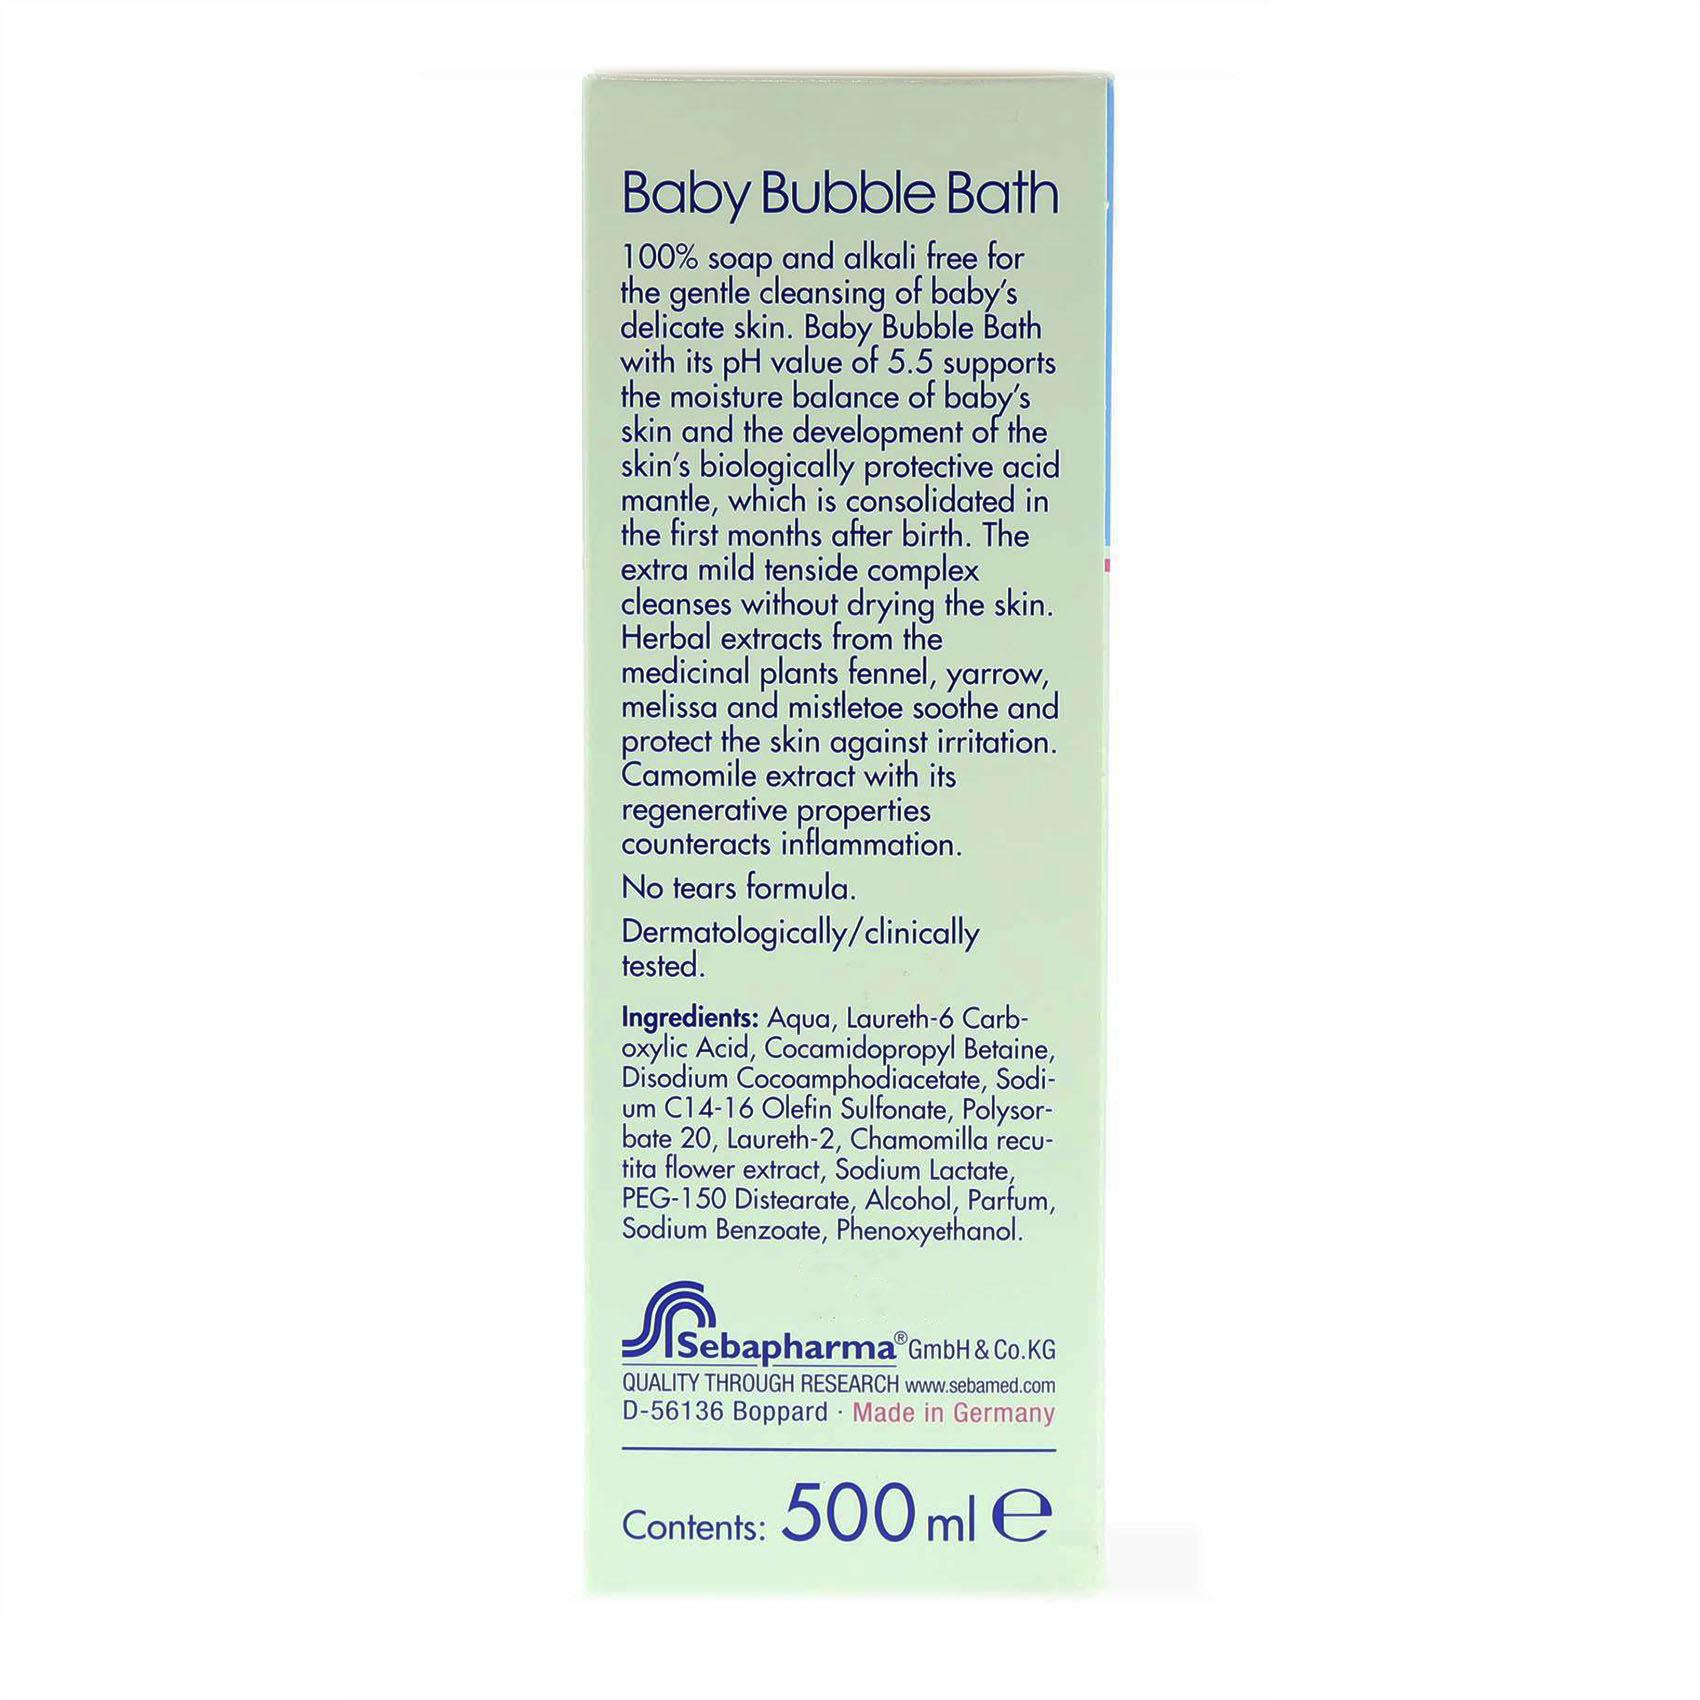 SEBAMED BUBBLE BATH BABY 500ML